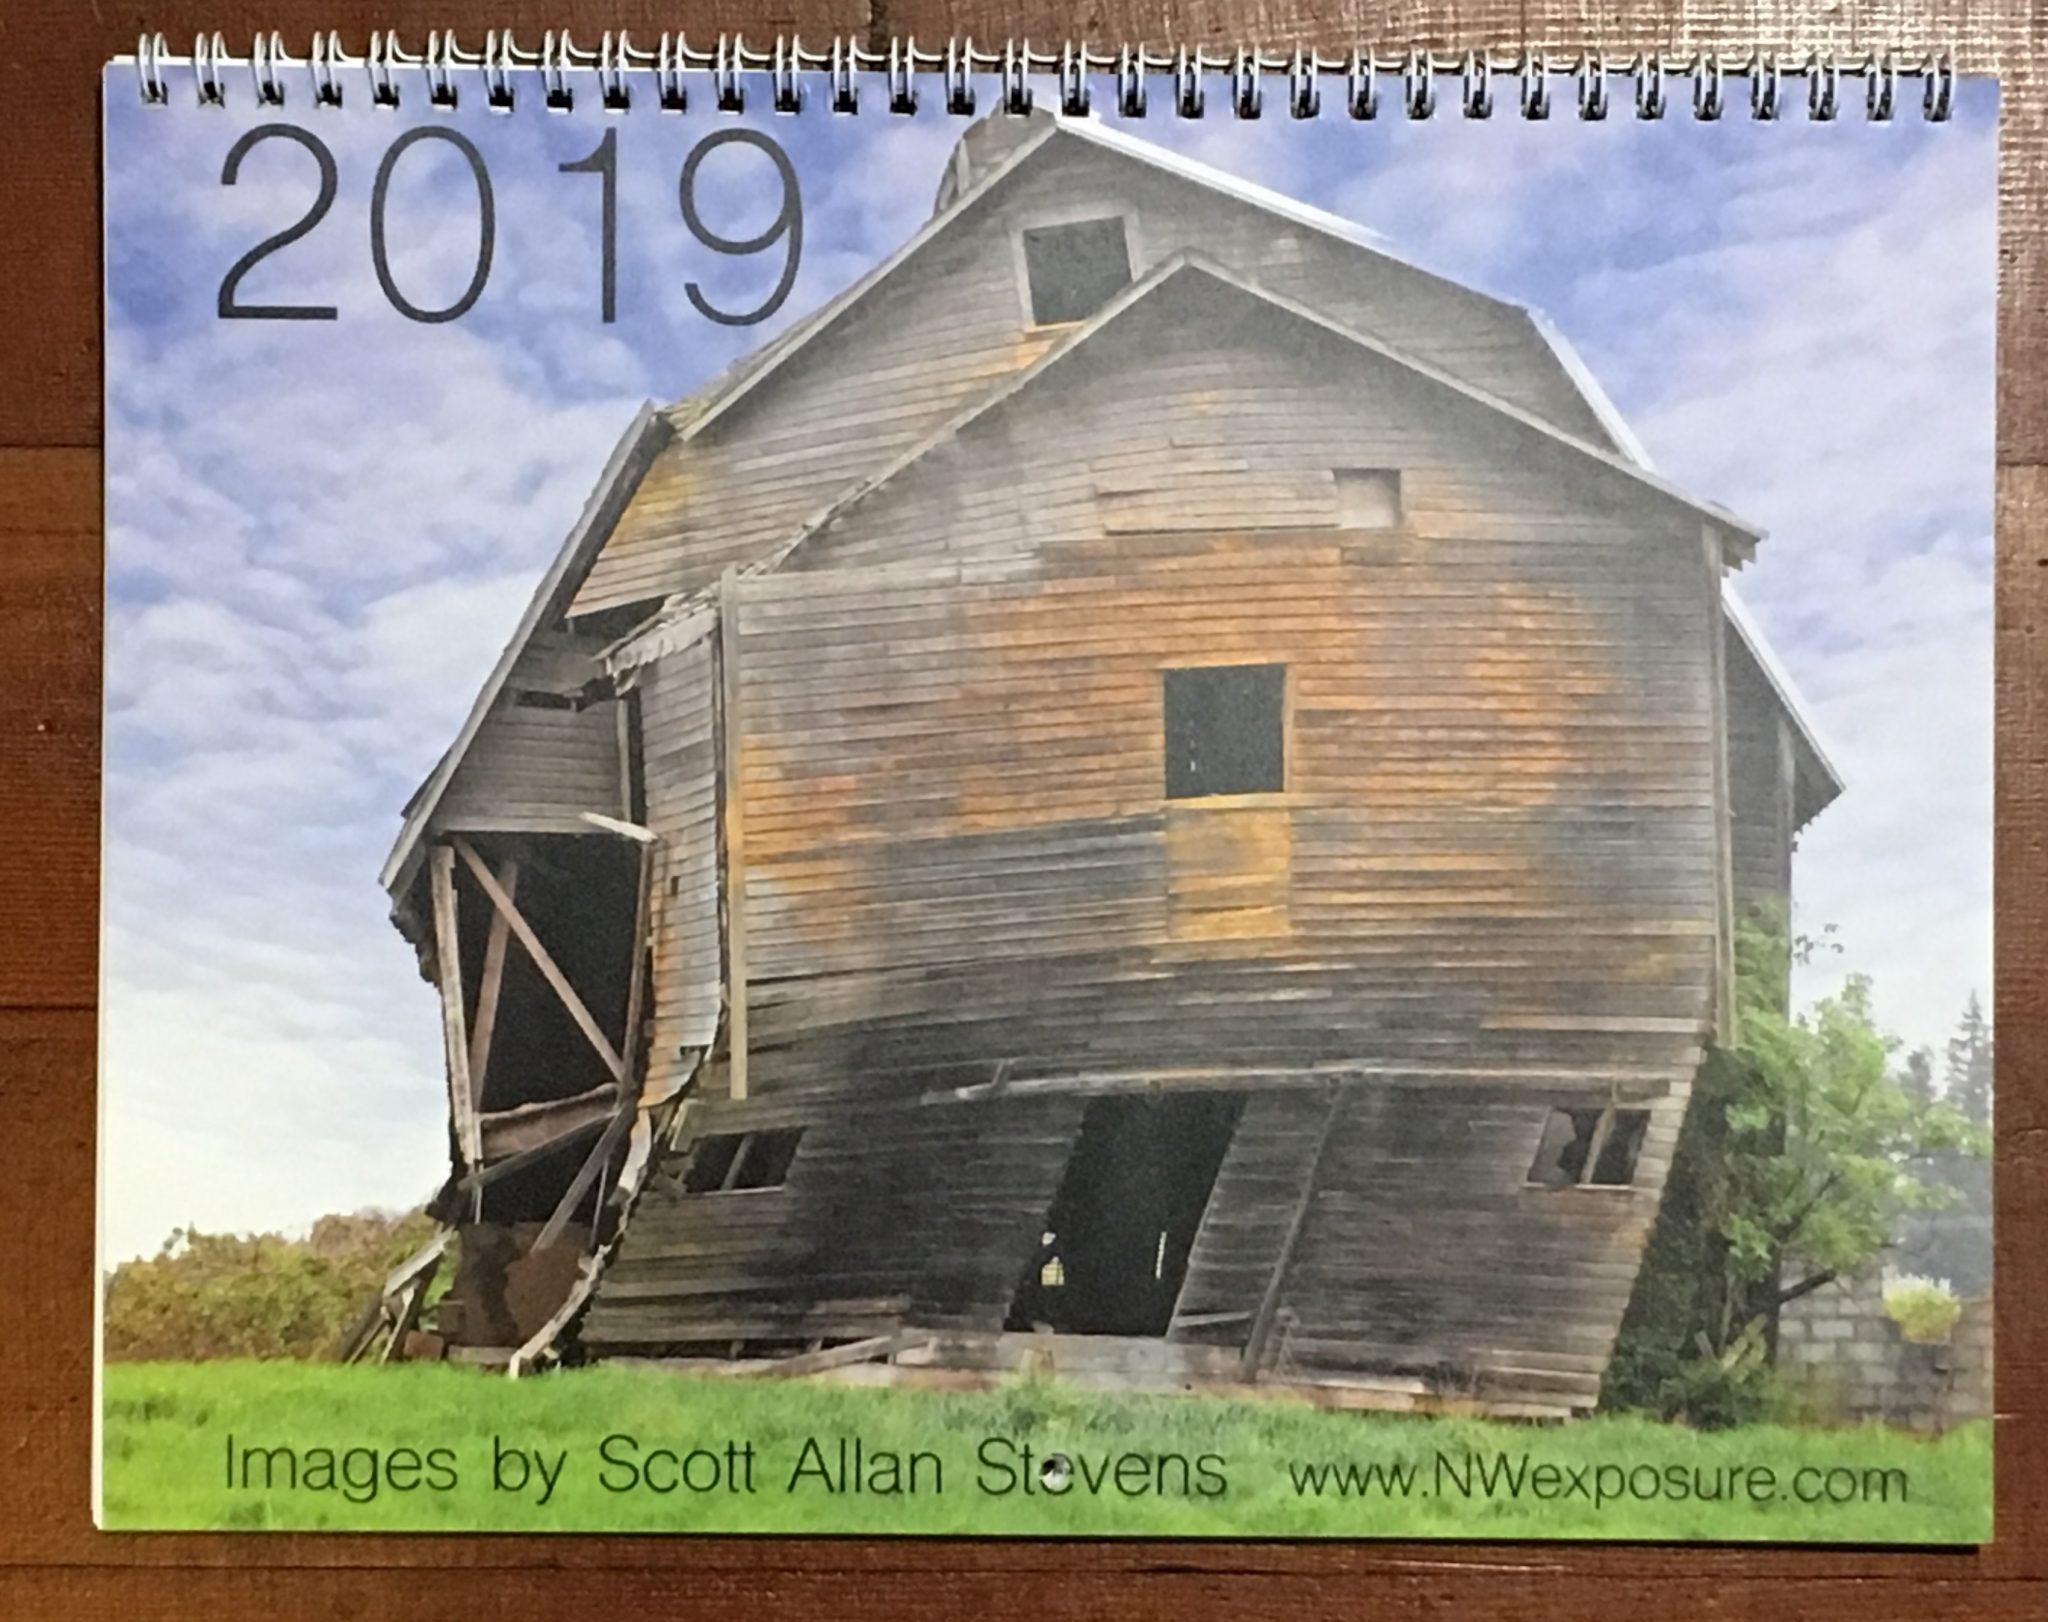 2019 calendar - front